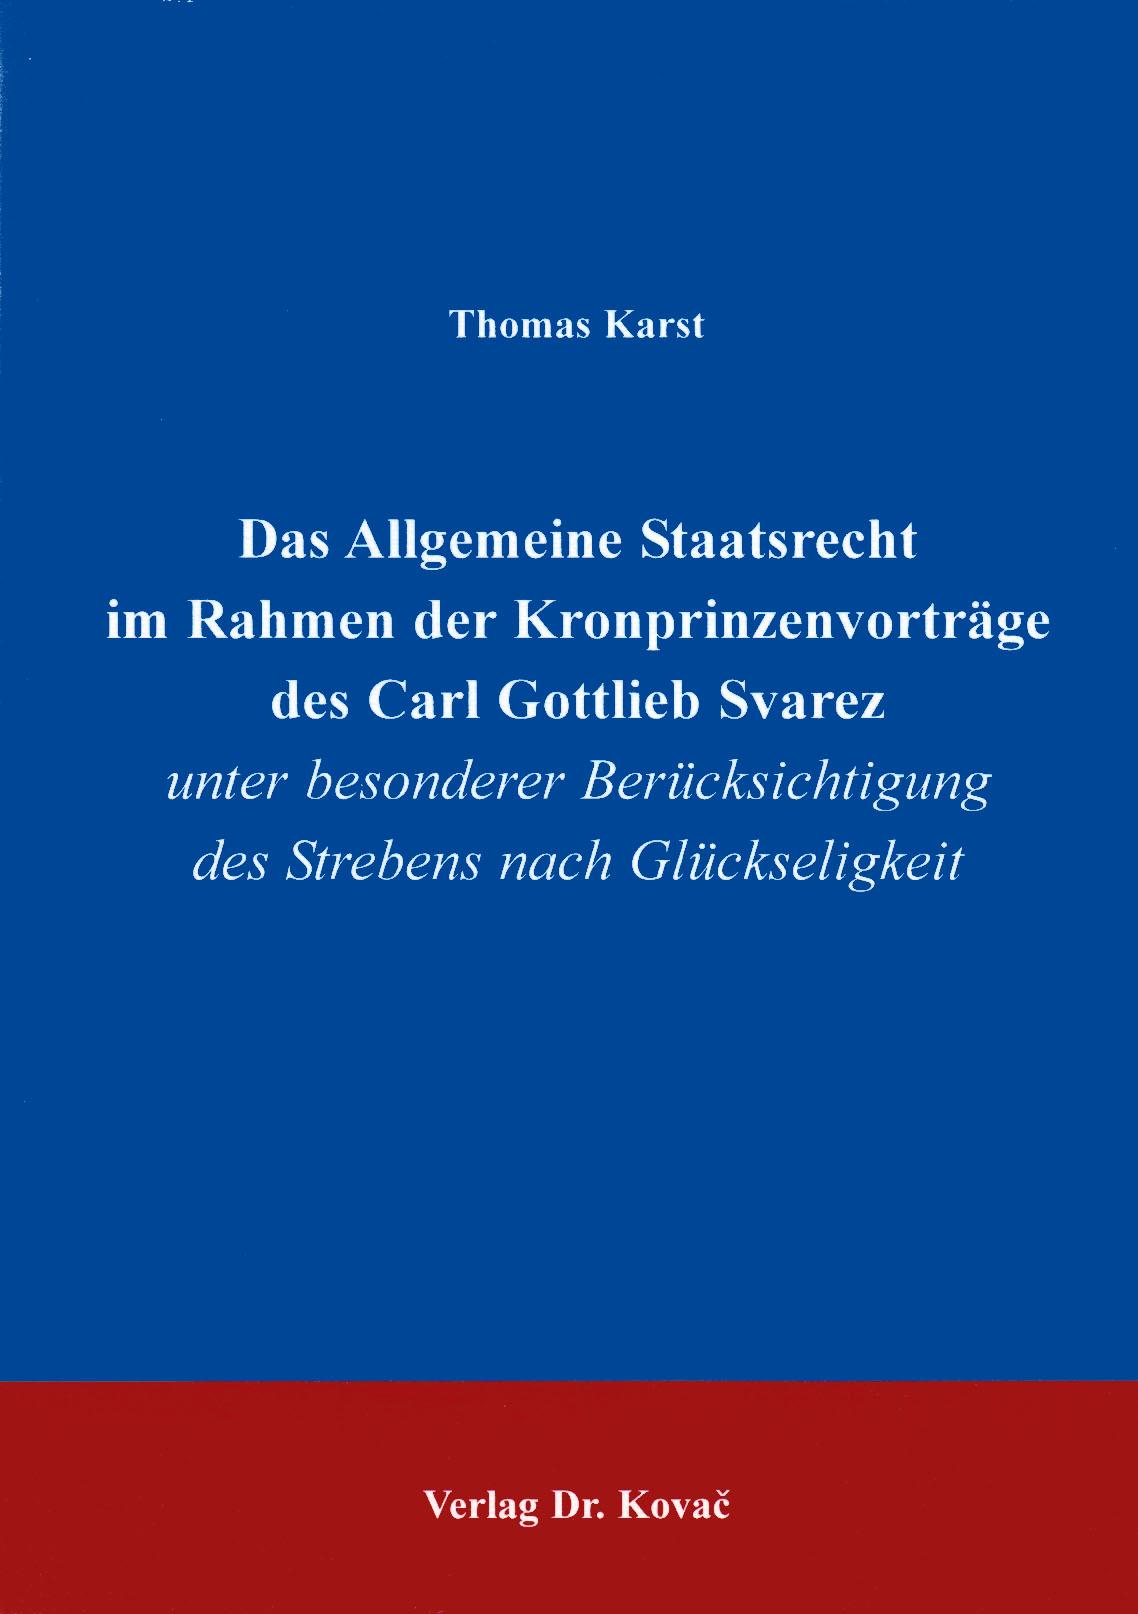 Cover: Das Allgemeine Staatsrecht im Rahmen der Kronprinzenvorträge des Carl Gottlieb Svarez